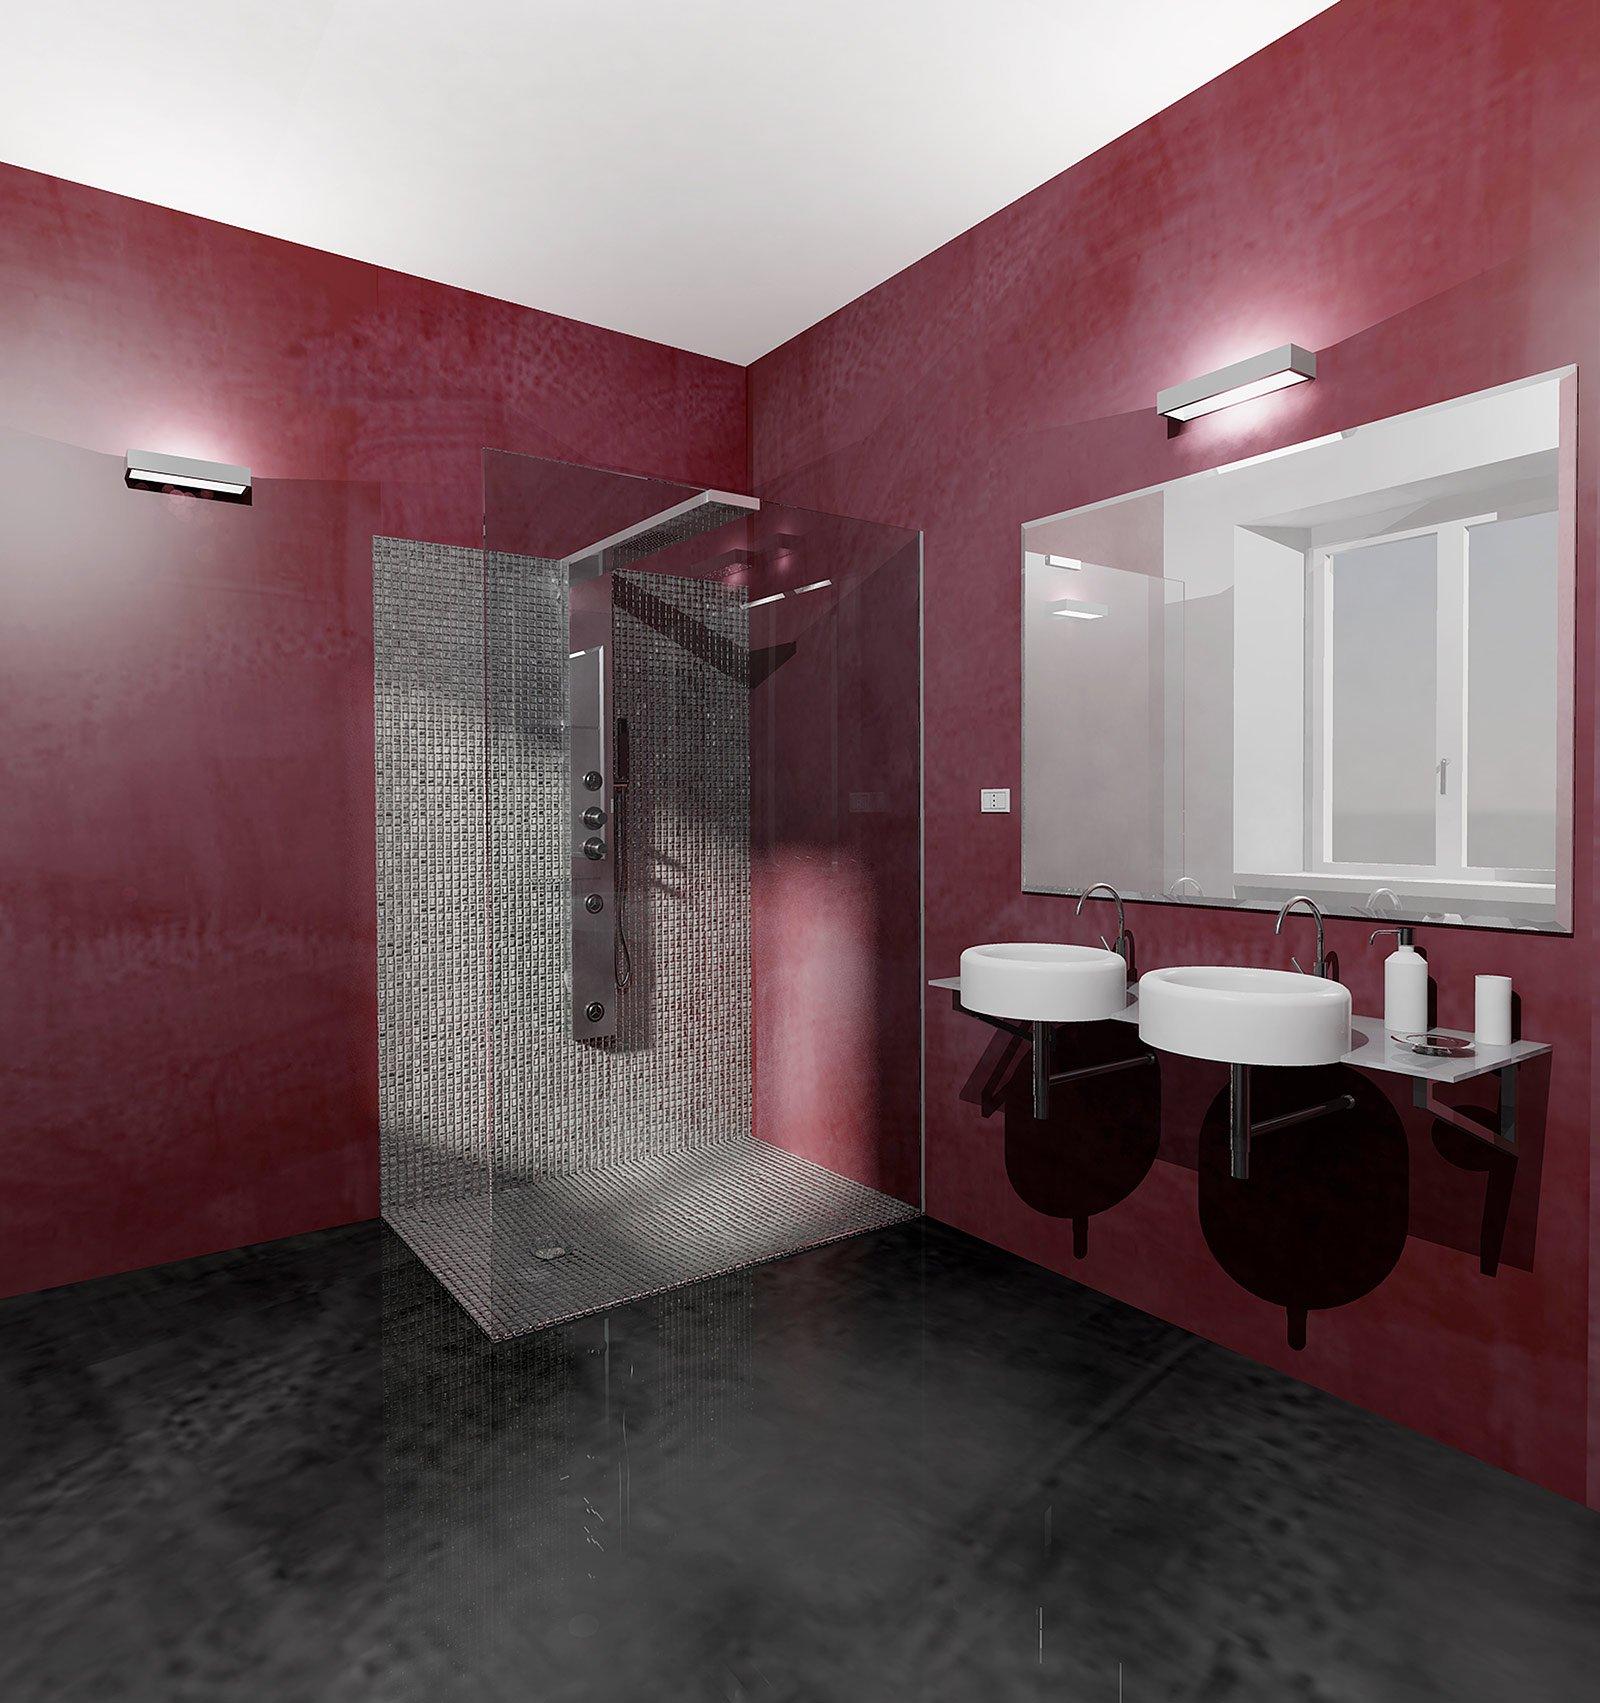 Scegliere i rivestimenti per pareti e pavimenti cose di casa - Come rivestire il bagno ...